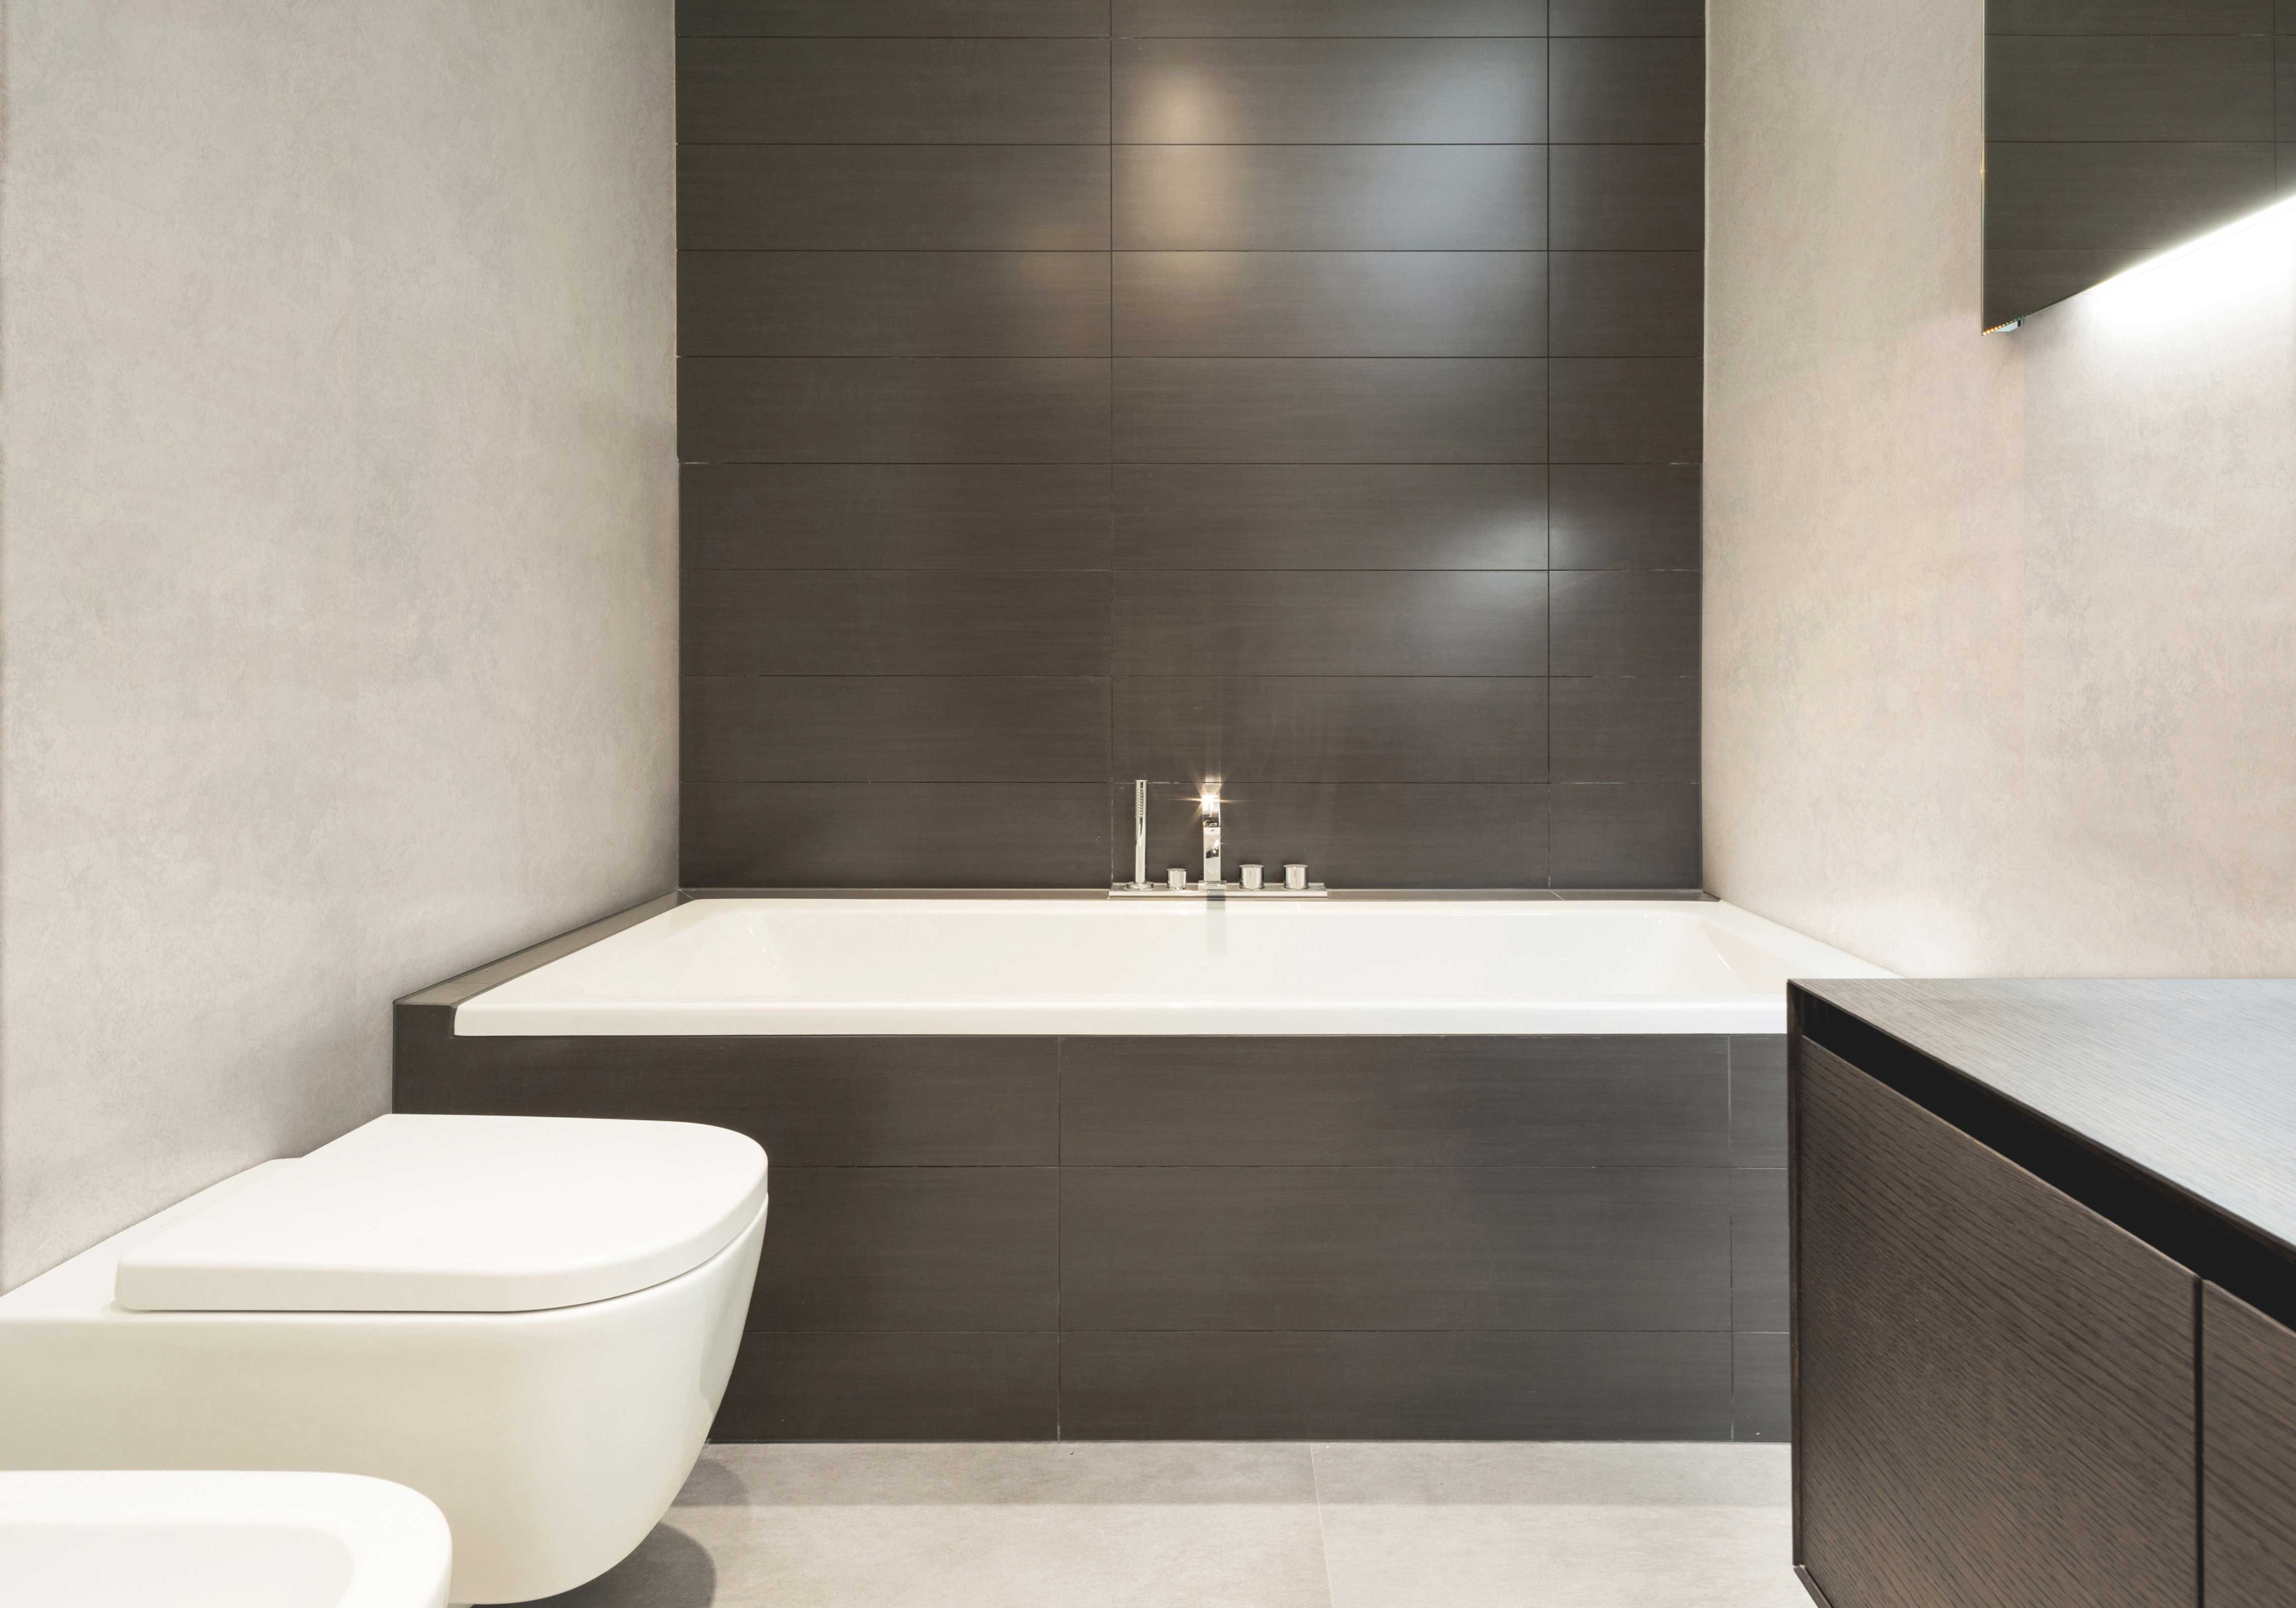 Bagno In Camera Senza Scarico : Bagno soluzioni per avere più comfort e funzionalità cose di